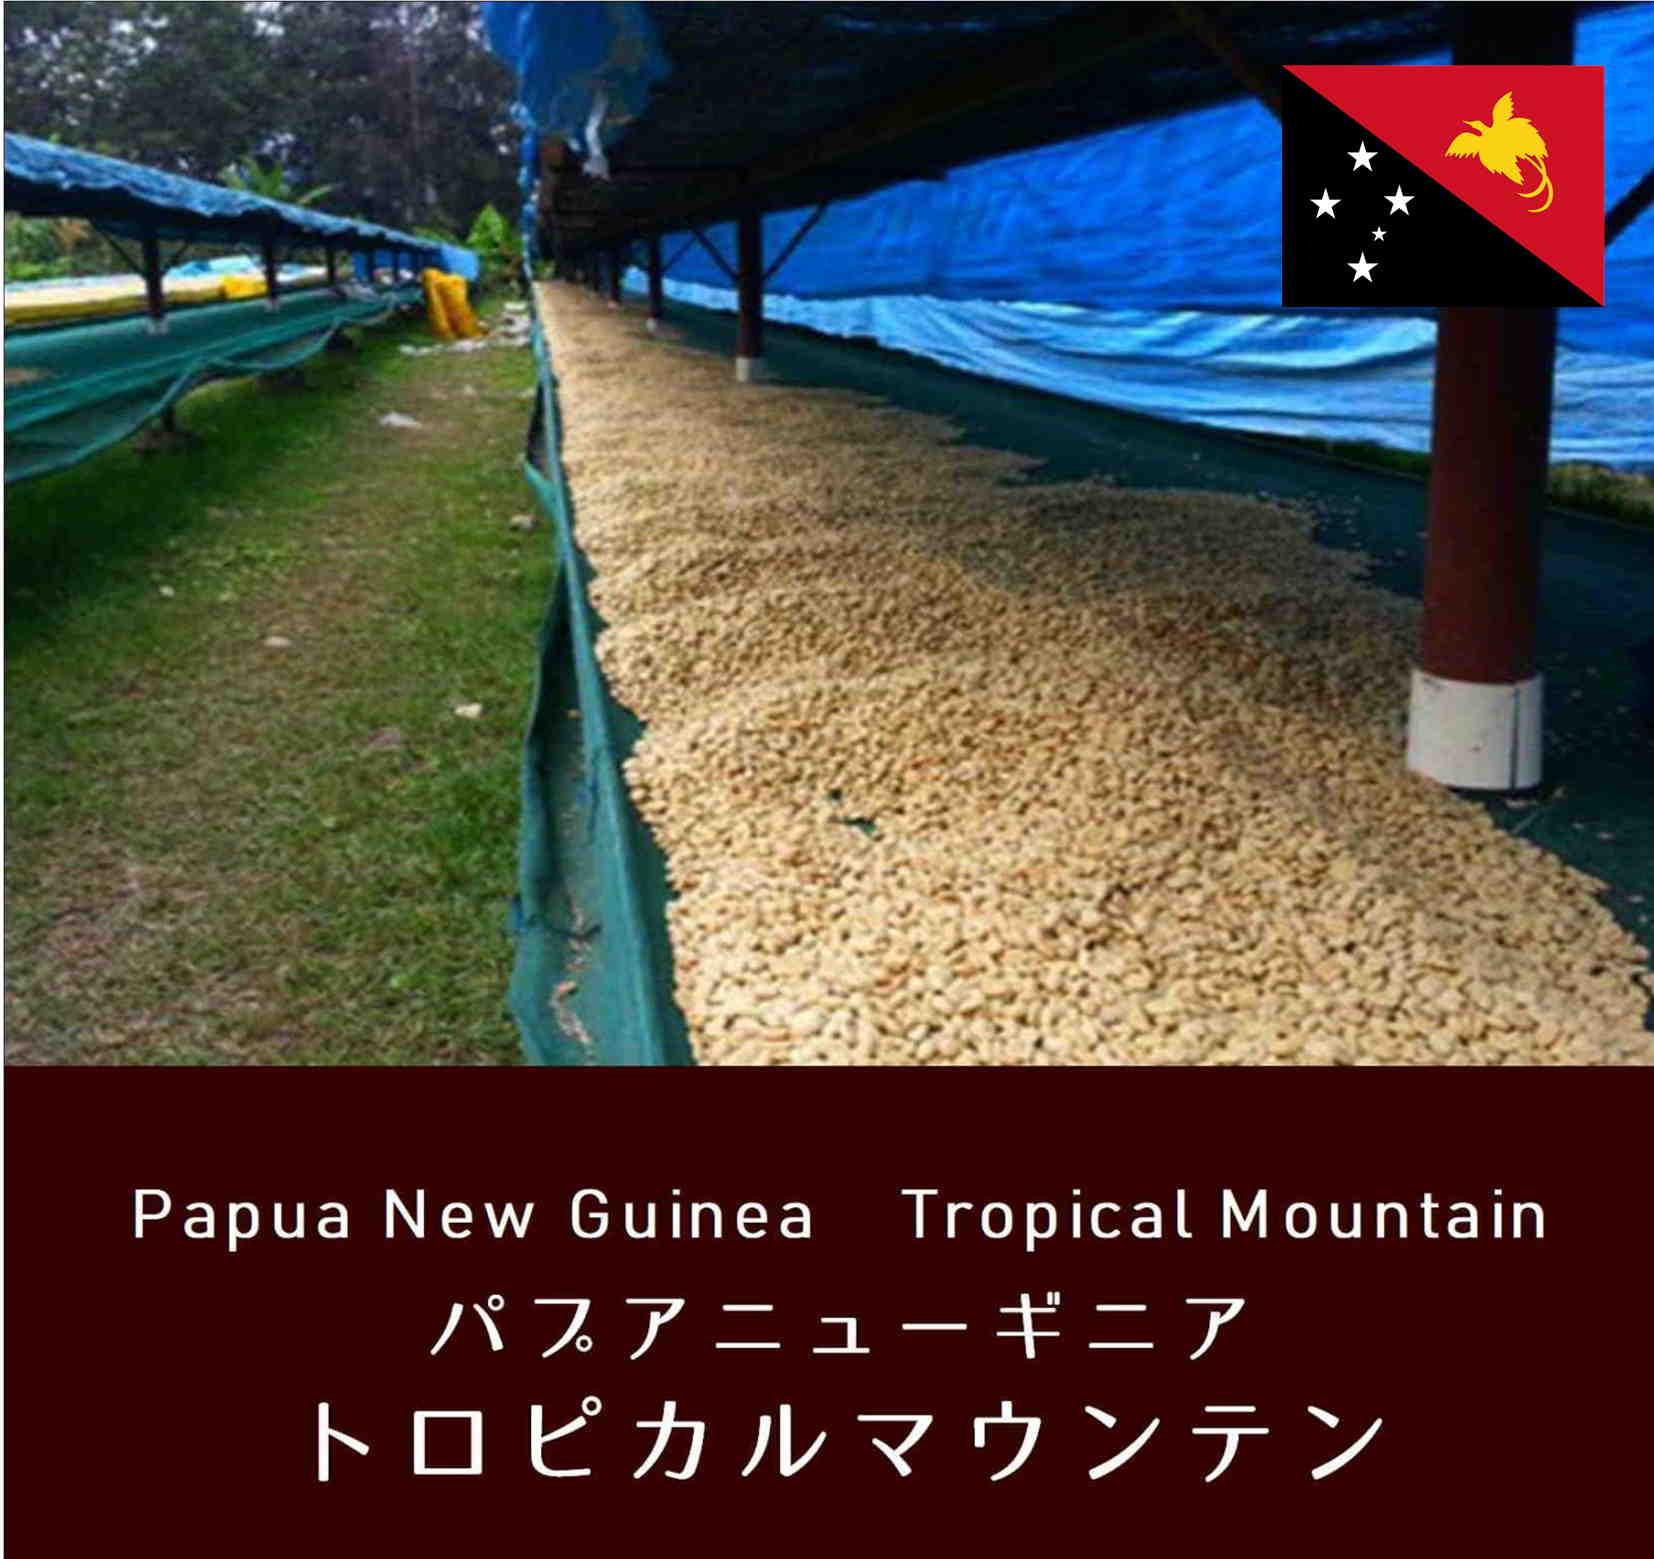 パプアニューギニア・トロピカルマウンテン